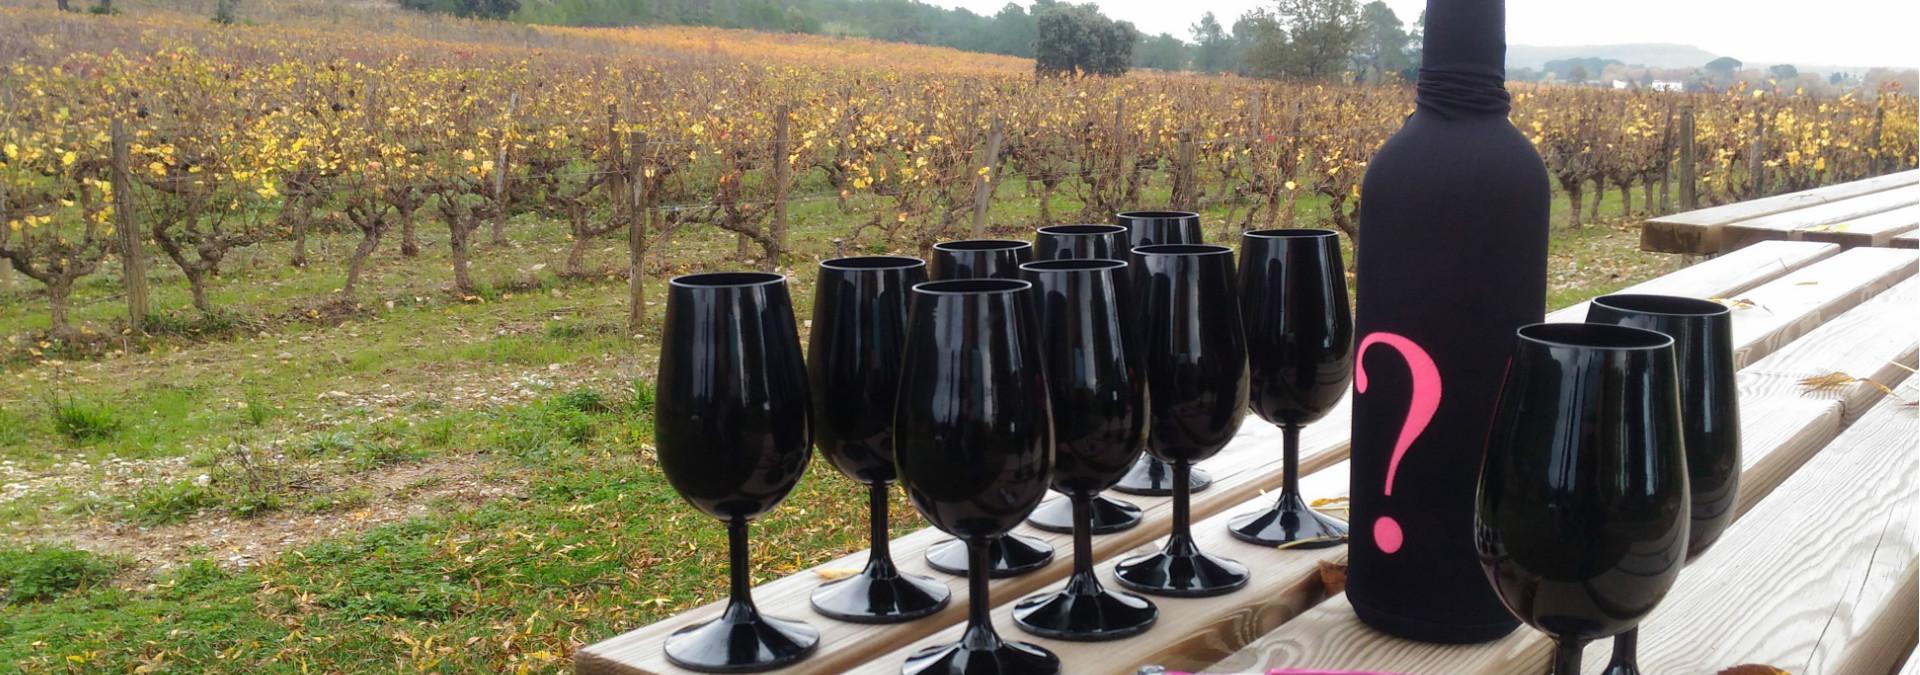 Vign'o vins